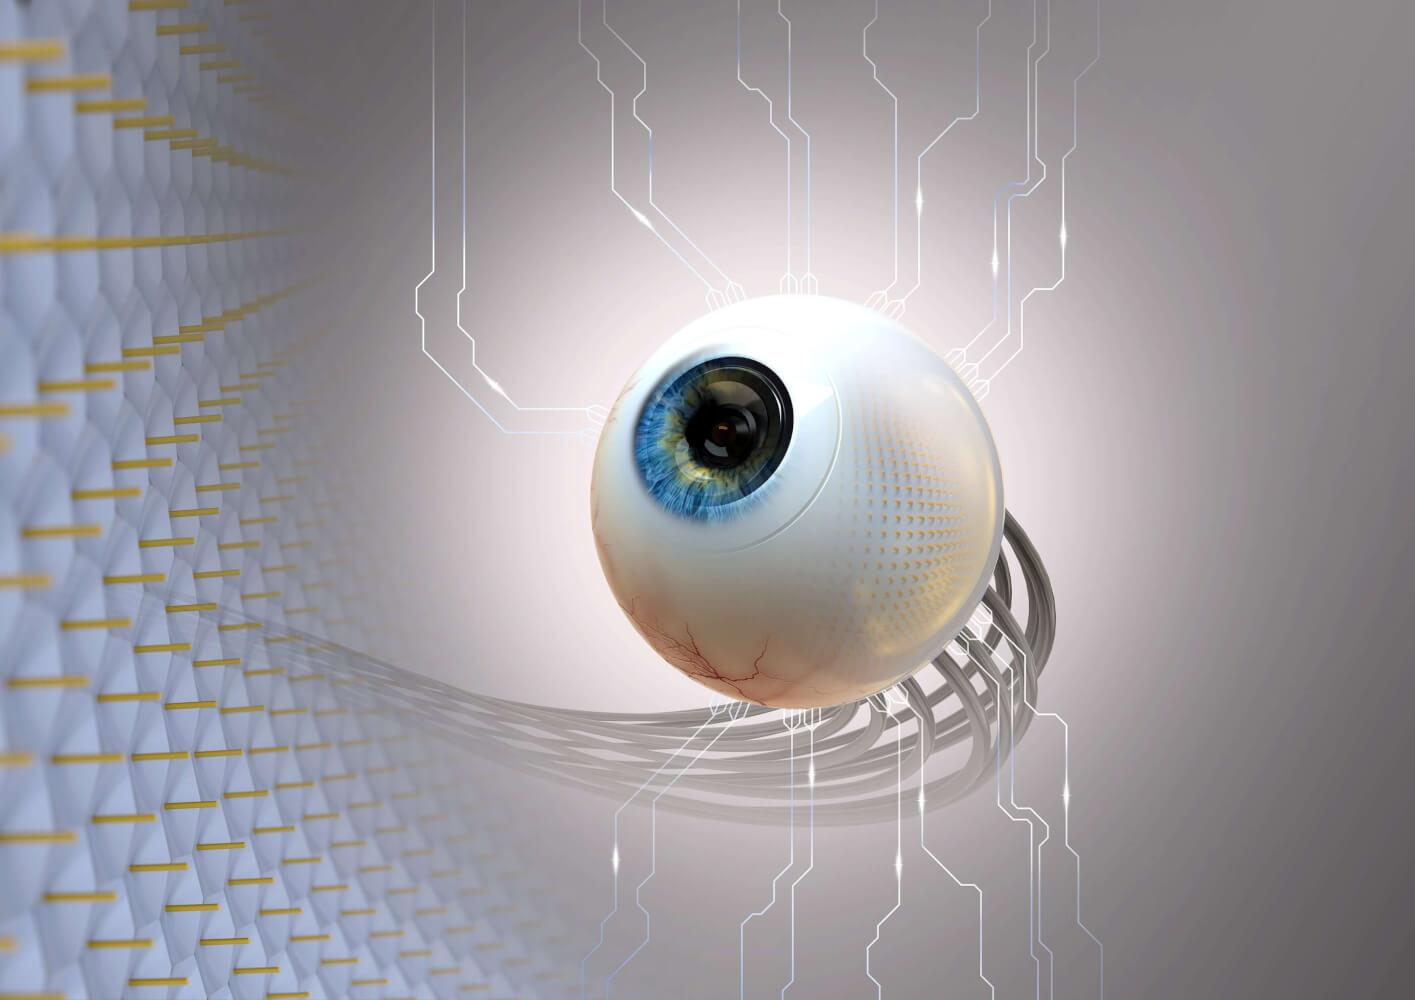 Разработан искусственный глаз, умеющий различать буквы и видеть в темноте